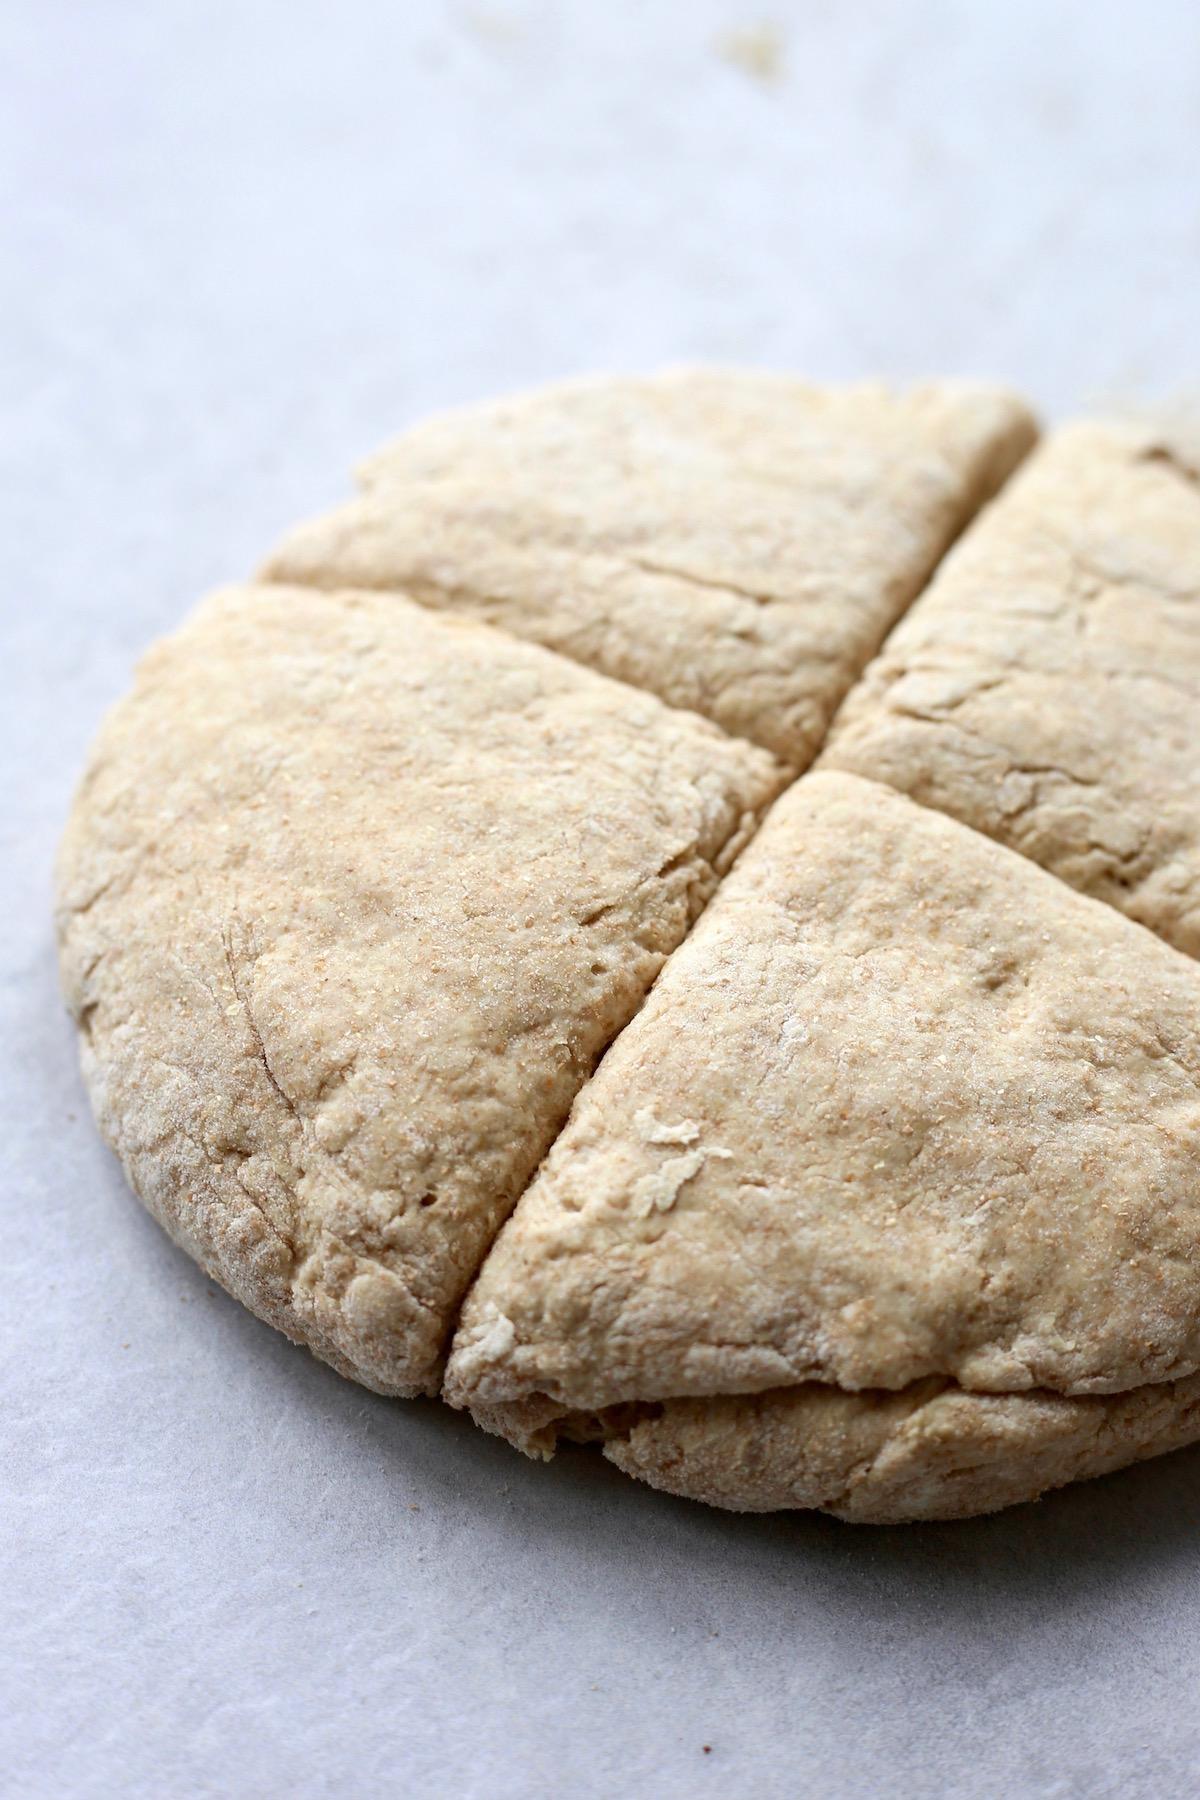 Soda bread dough cut into fourths to make soda farls